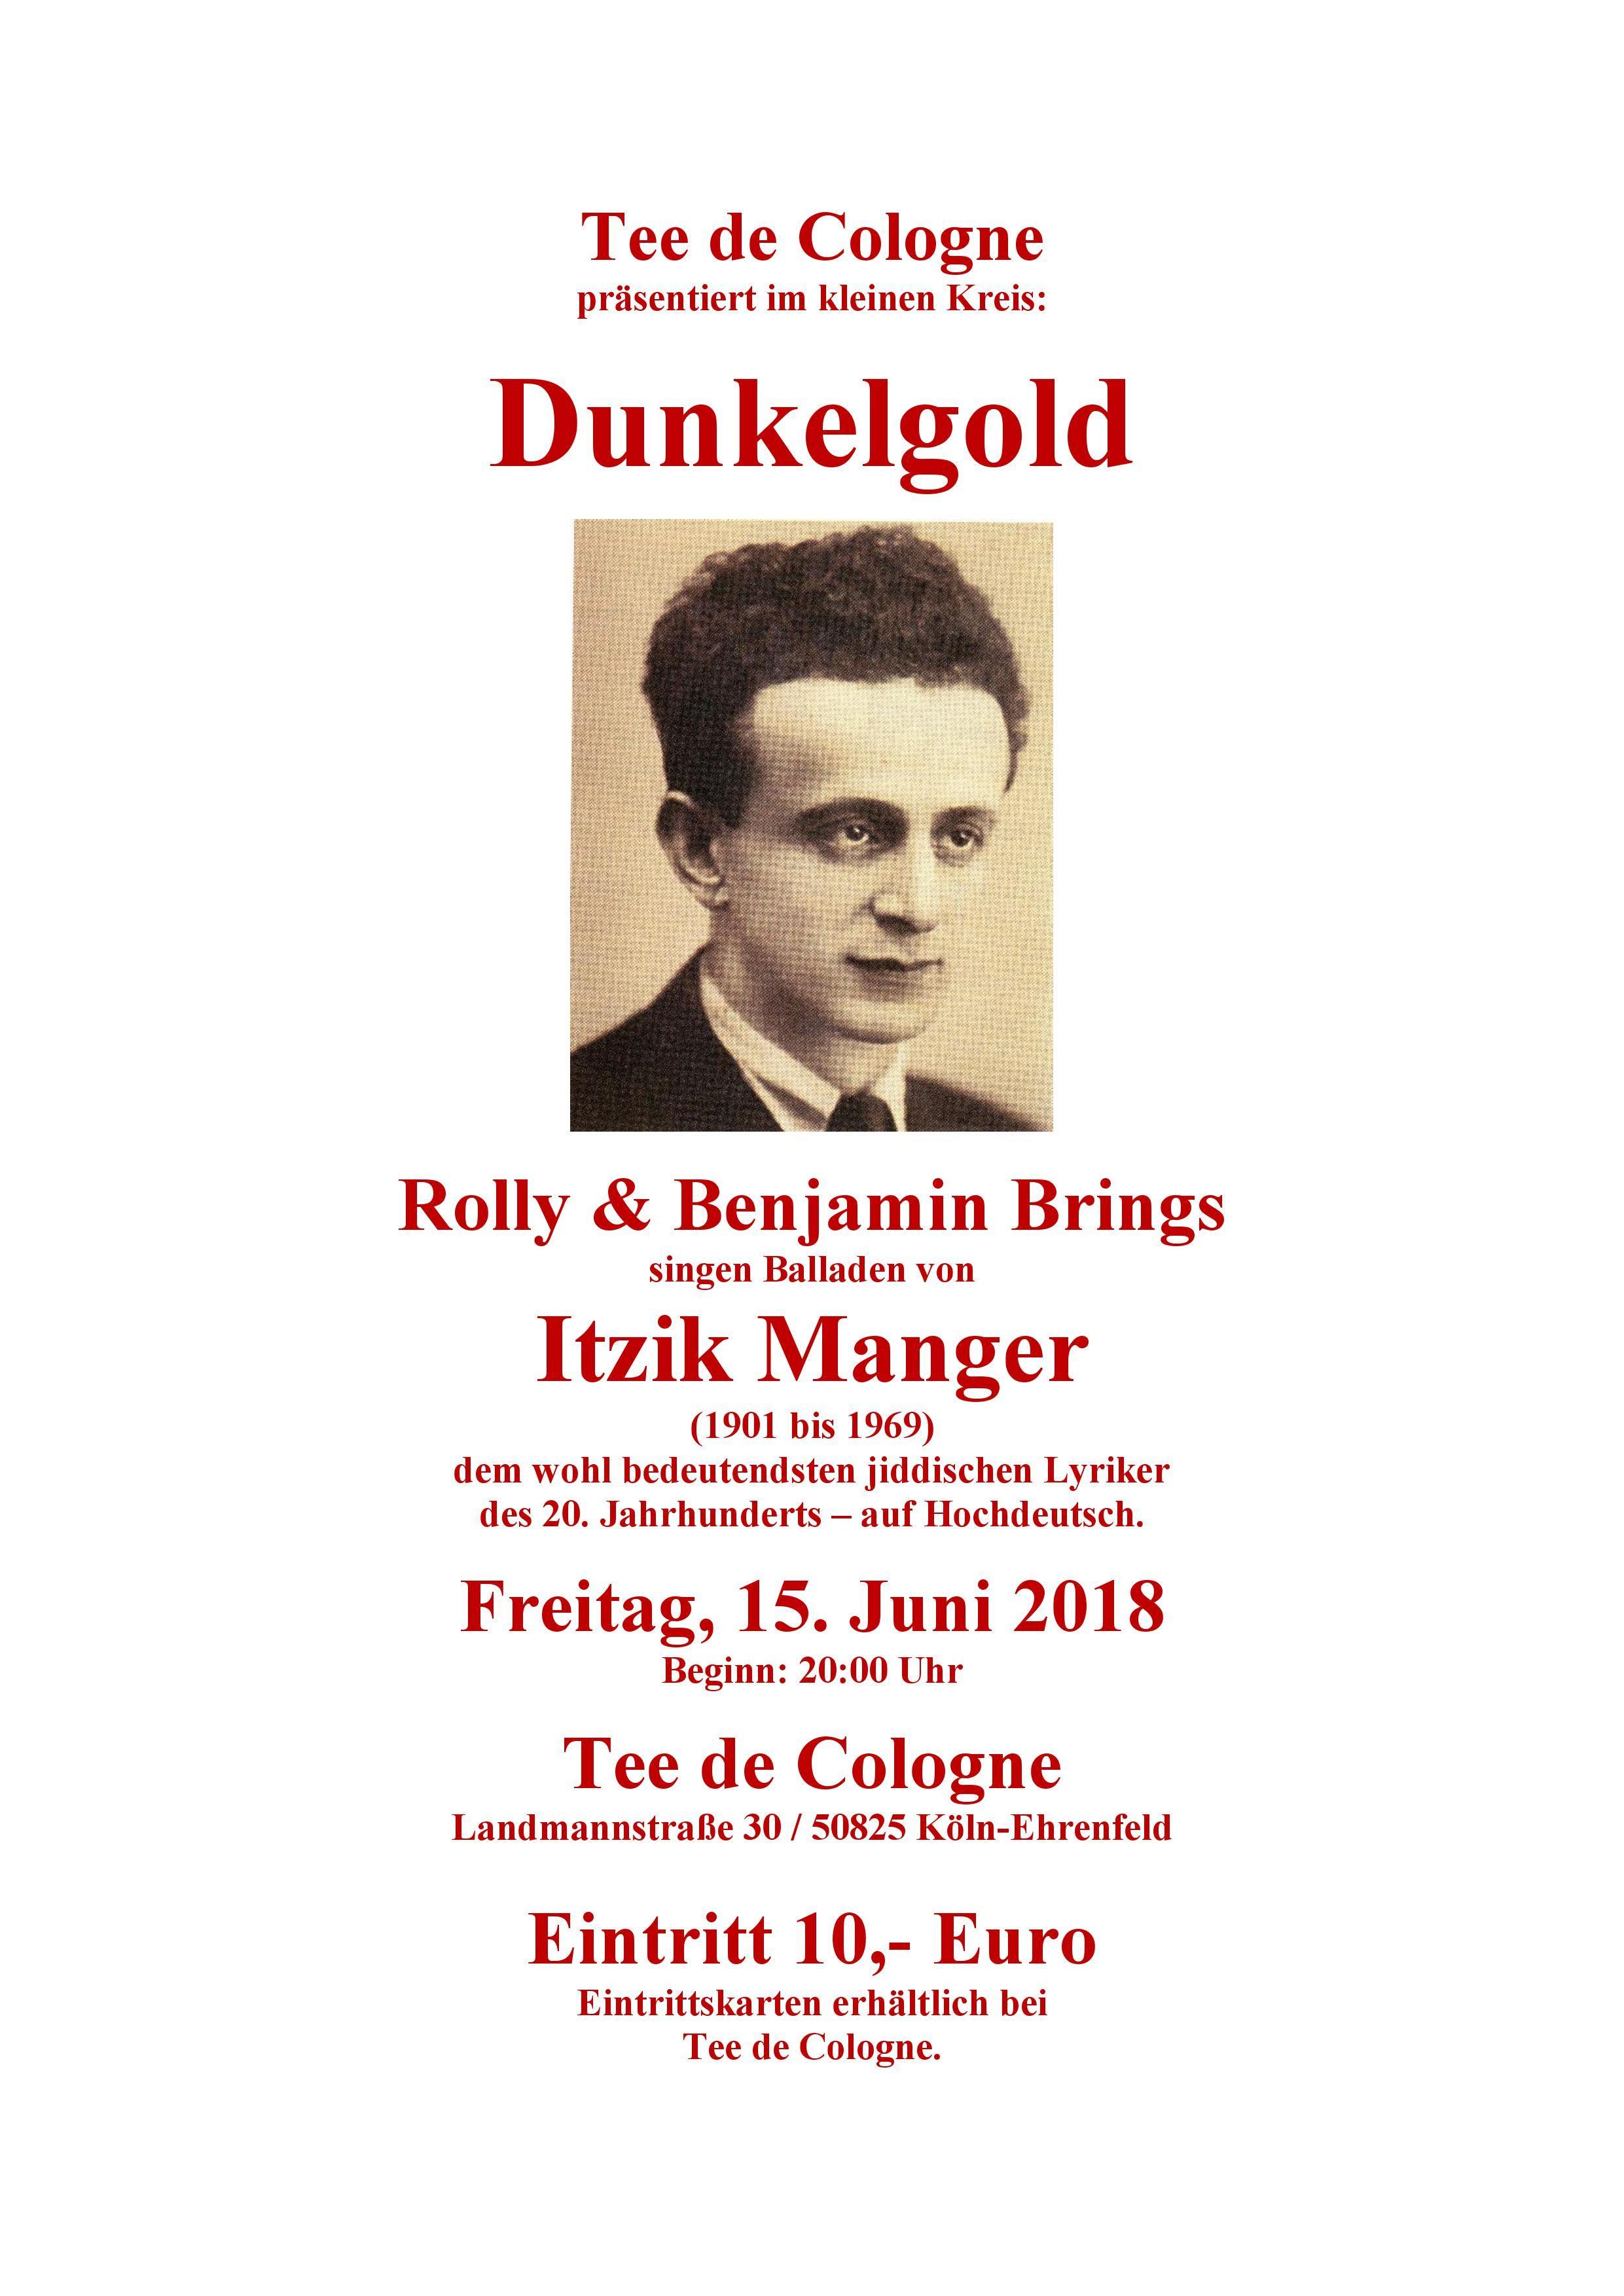 Plakat Dunkelgold